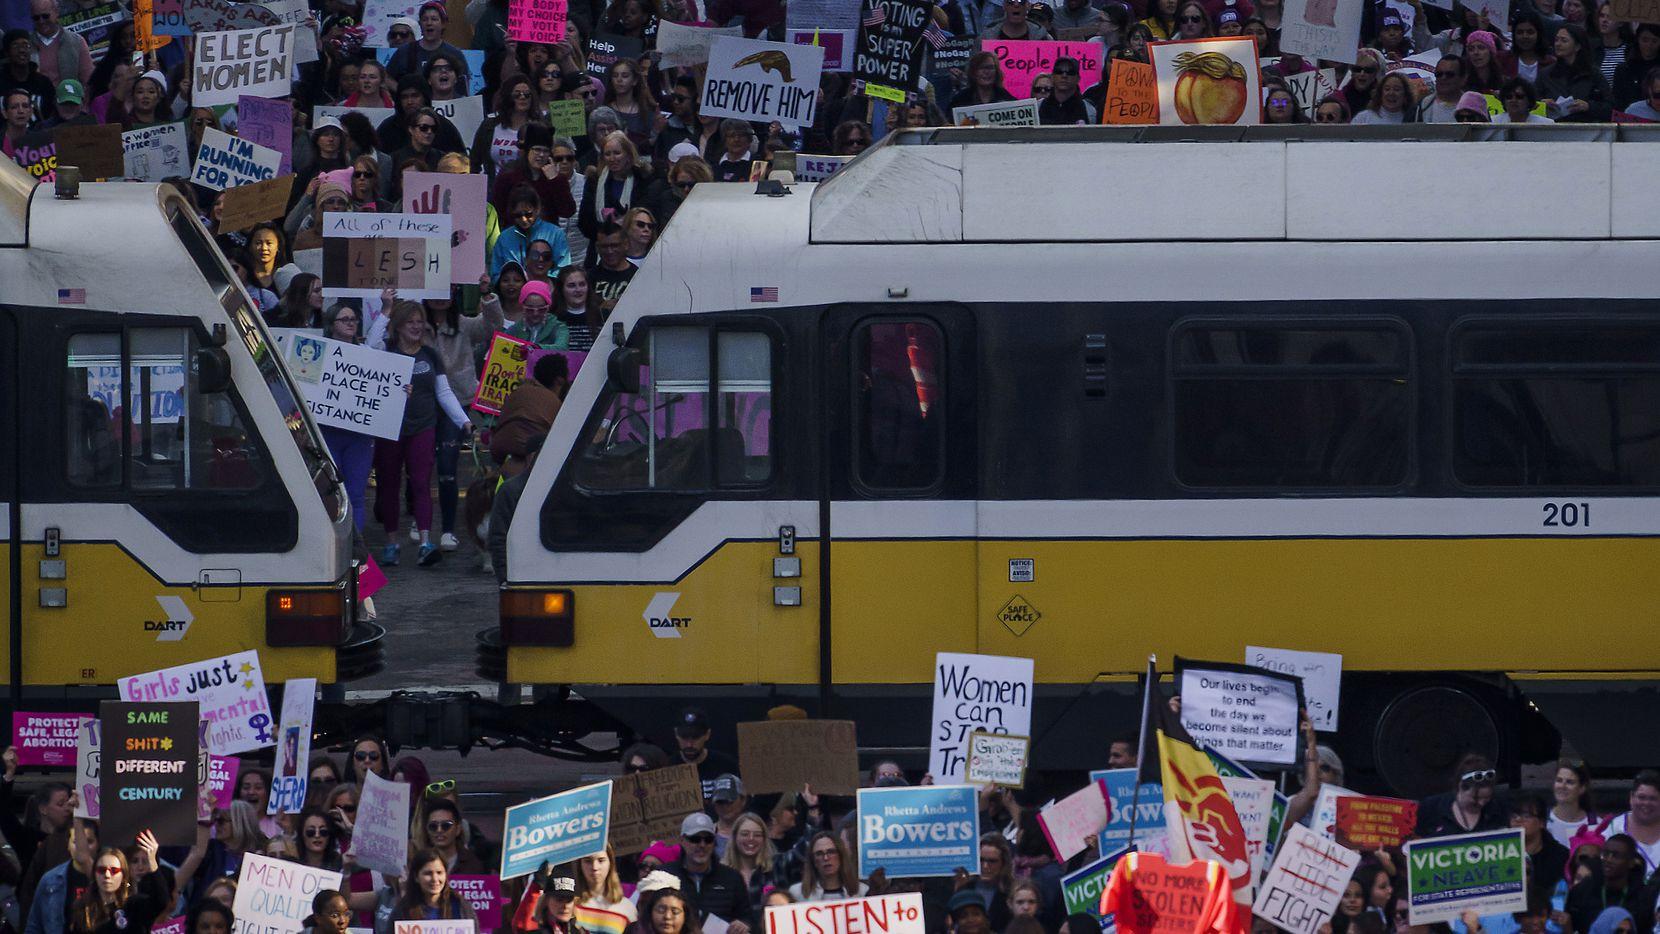 Los participantes en la Marcha de las Mujeres atraviesan Harwood Street en su camino a la alcaldía, el domingo.